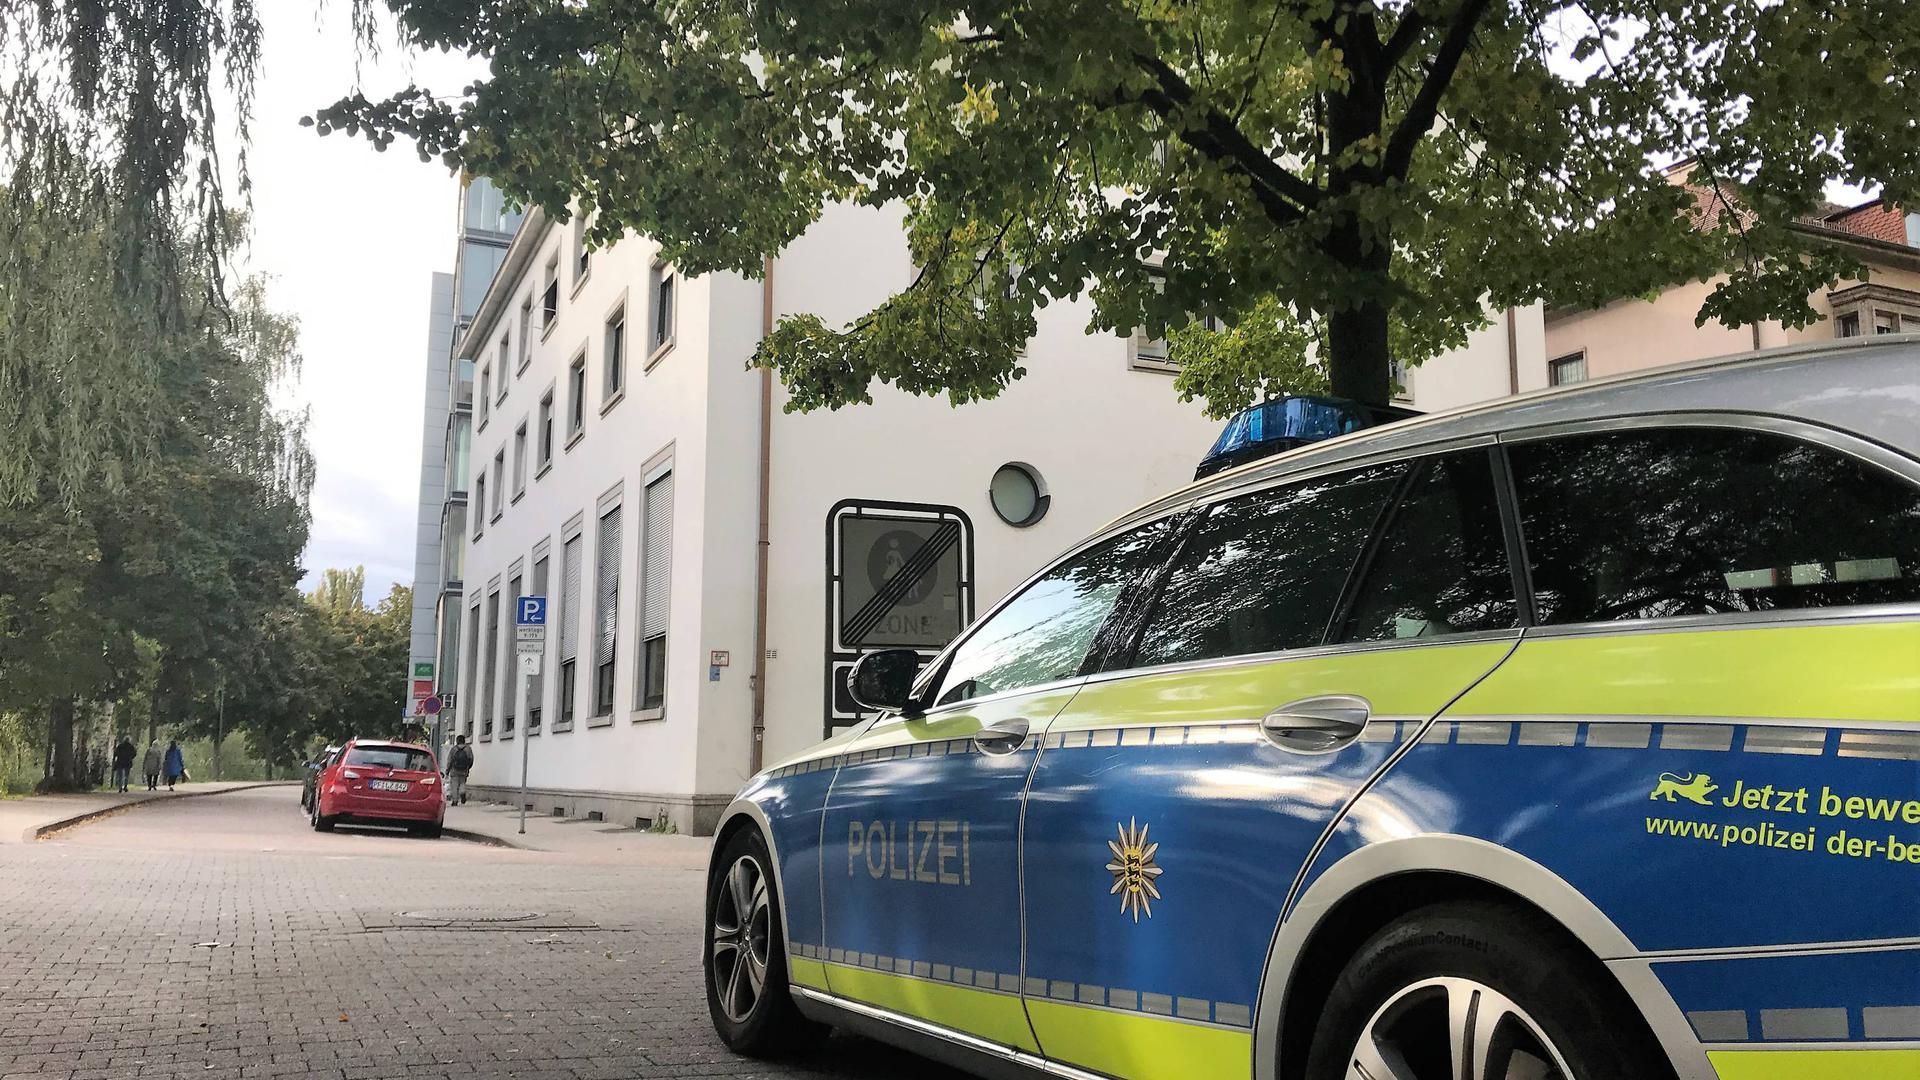 Diskret bewacht: Eine Polizeistreife parkt am Mittwochnachmittag nahe der Räumlichkeiten der Jüdischen Gemeinde in Pforzheim. In der Synagoge feierten rund 100 Gläubige das Jom-Kippur-Fest.